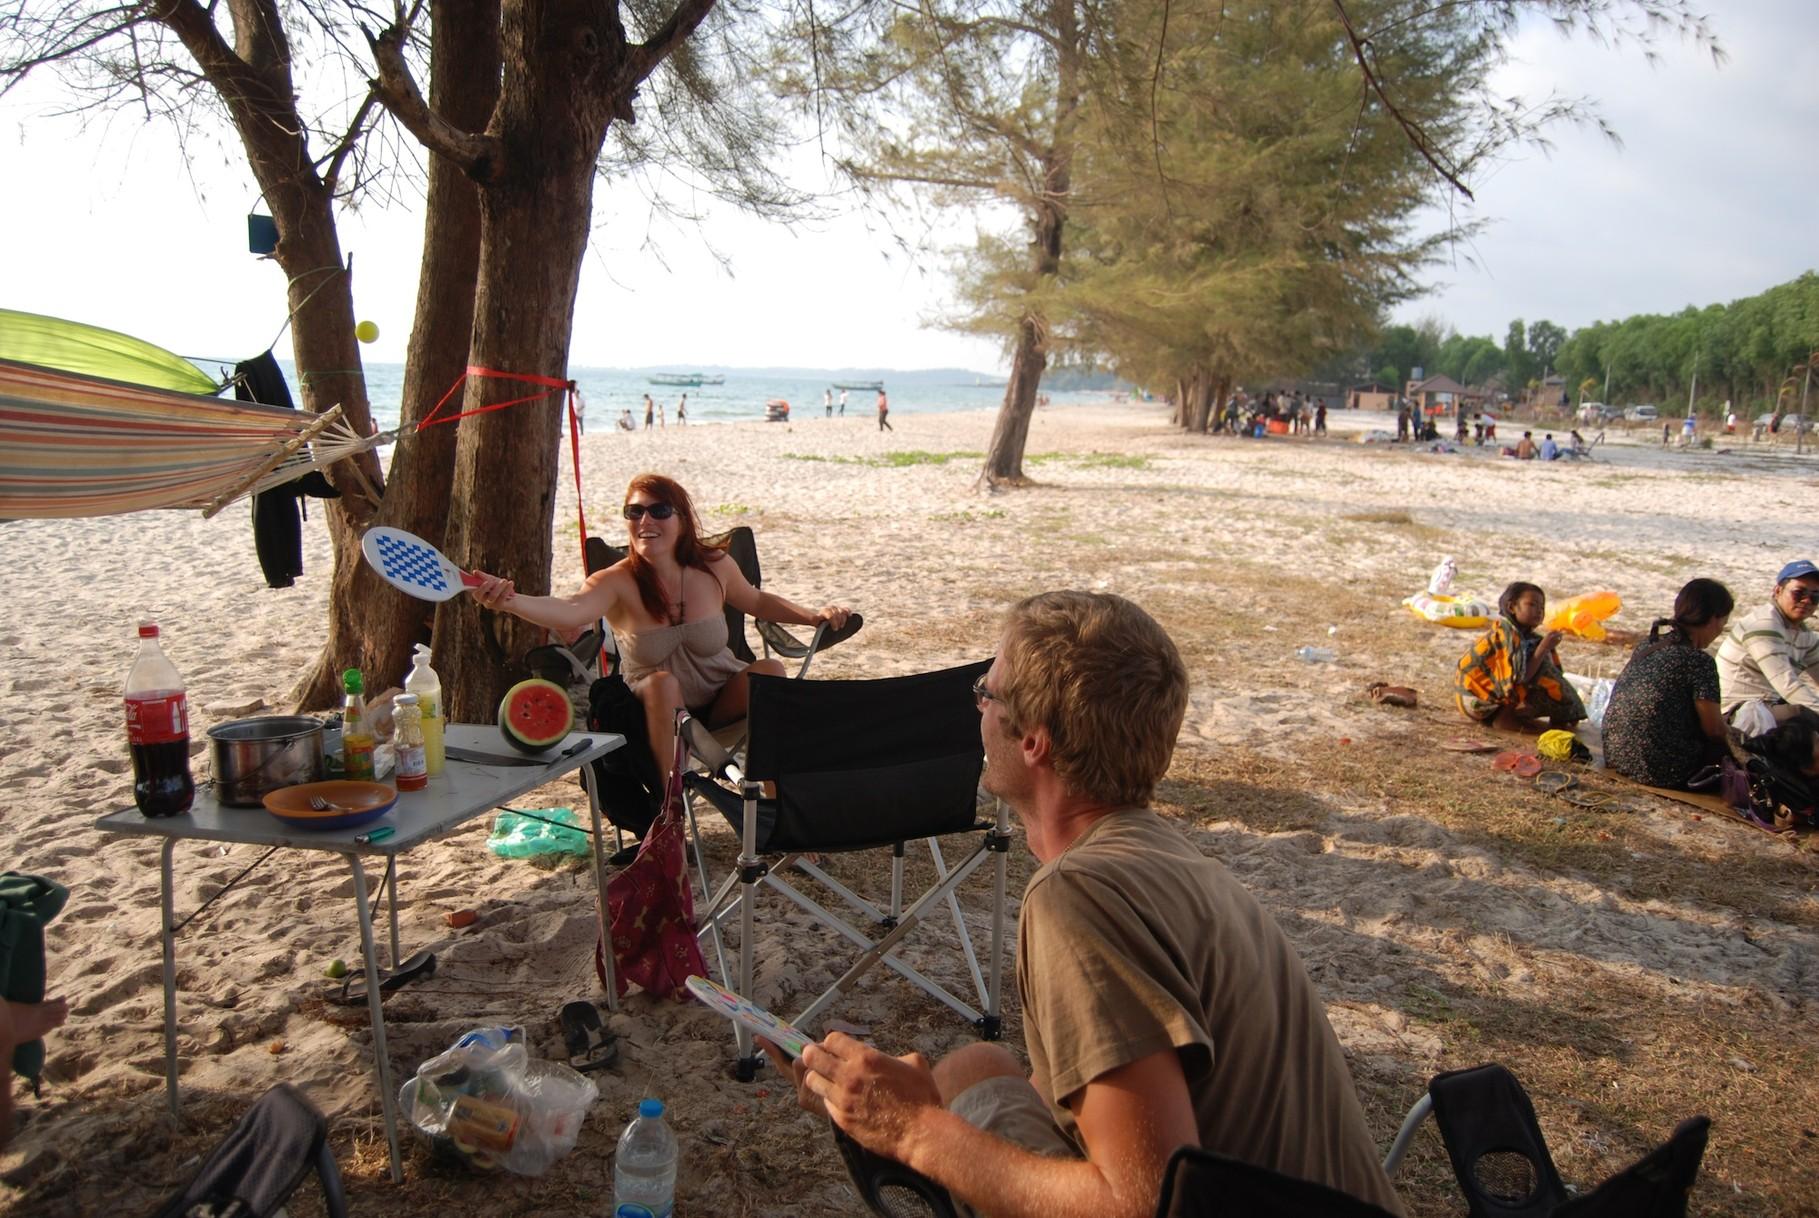 Kathi und David perfektionieren das im-Sitzen-Beach-Ball-spielen